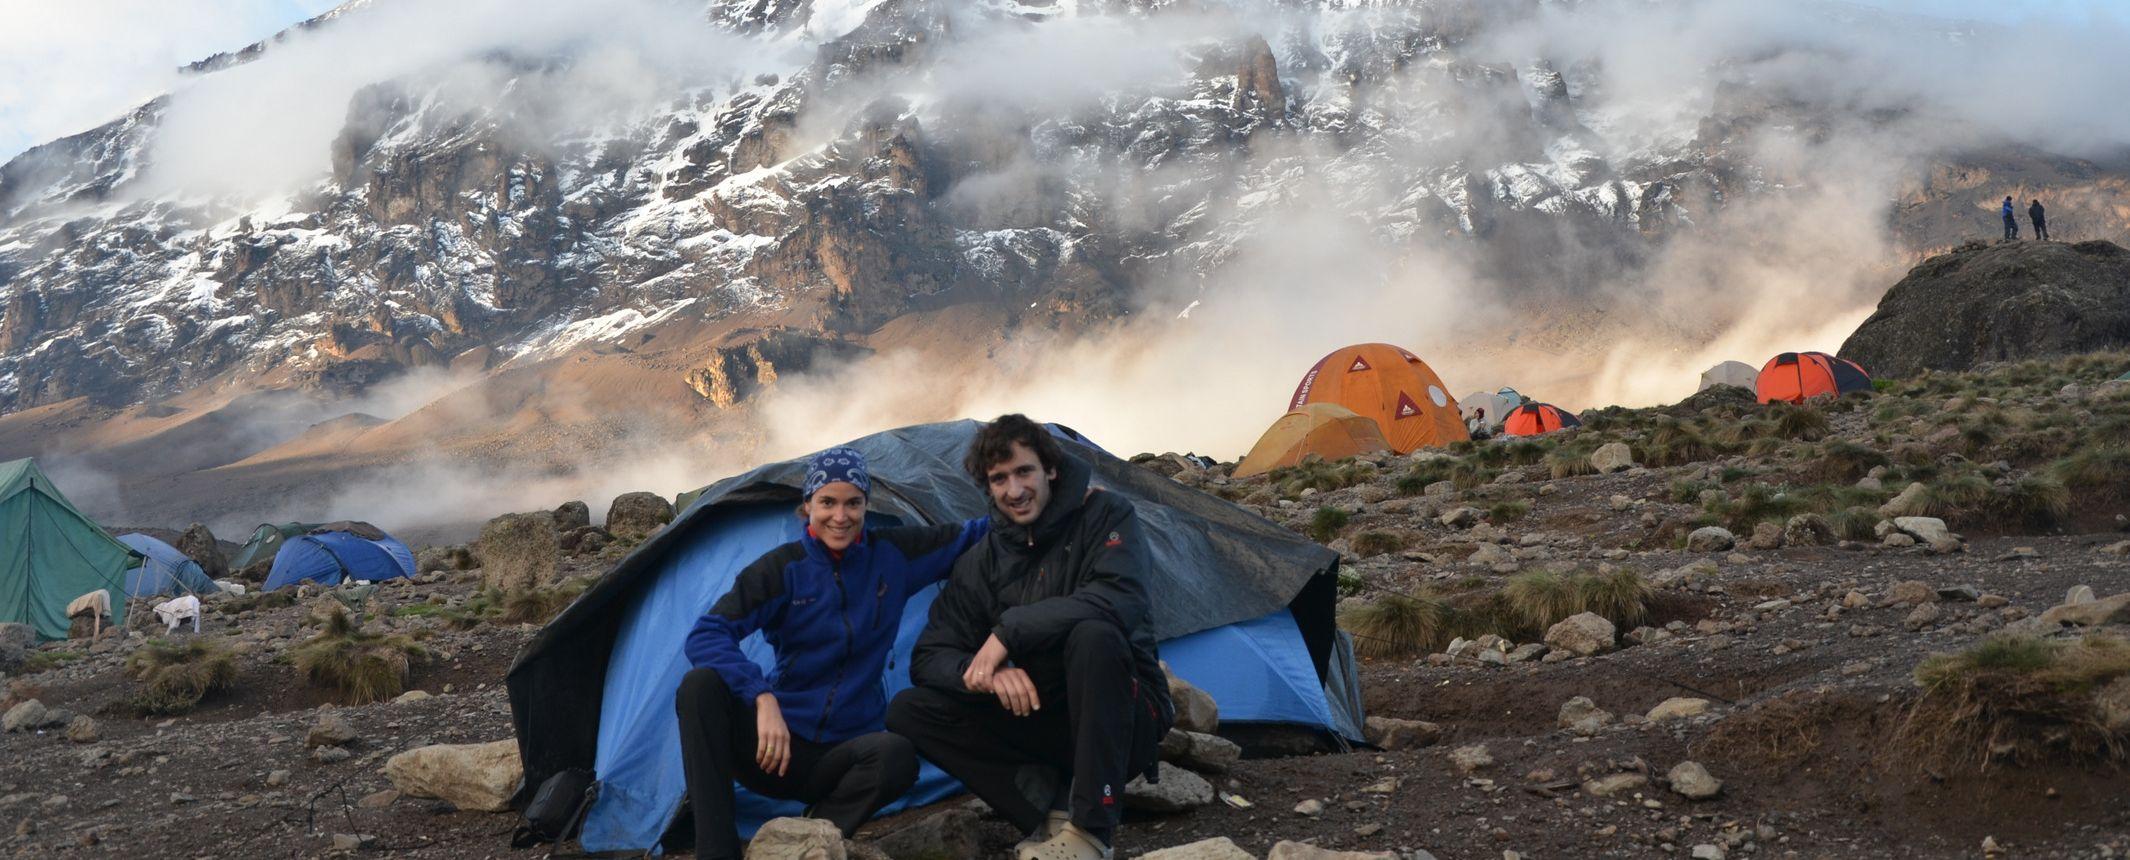 El Kilimanjaro, el techo de África. Ruta Machame.  – Salidas en grupo con opción safari o Zanzibar